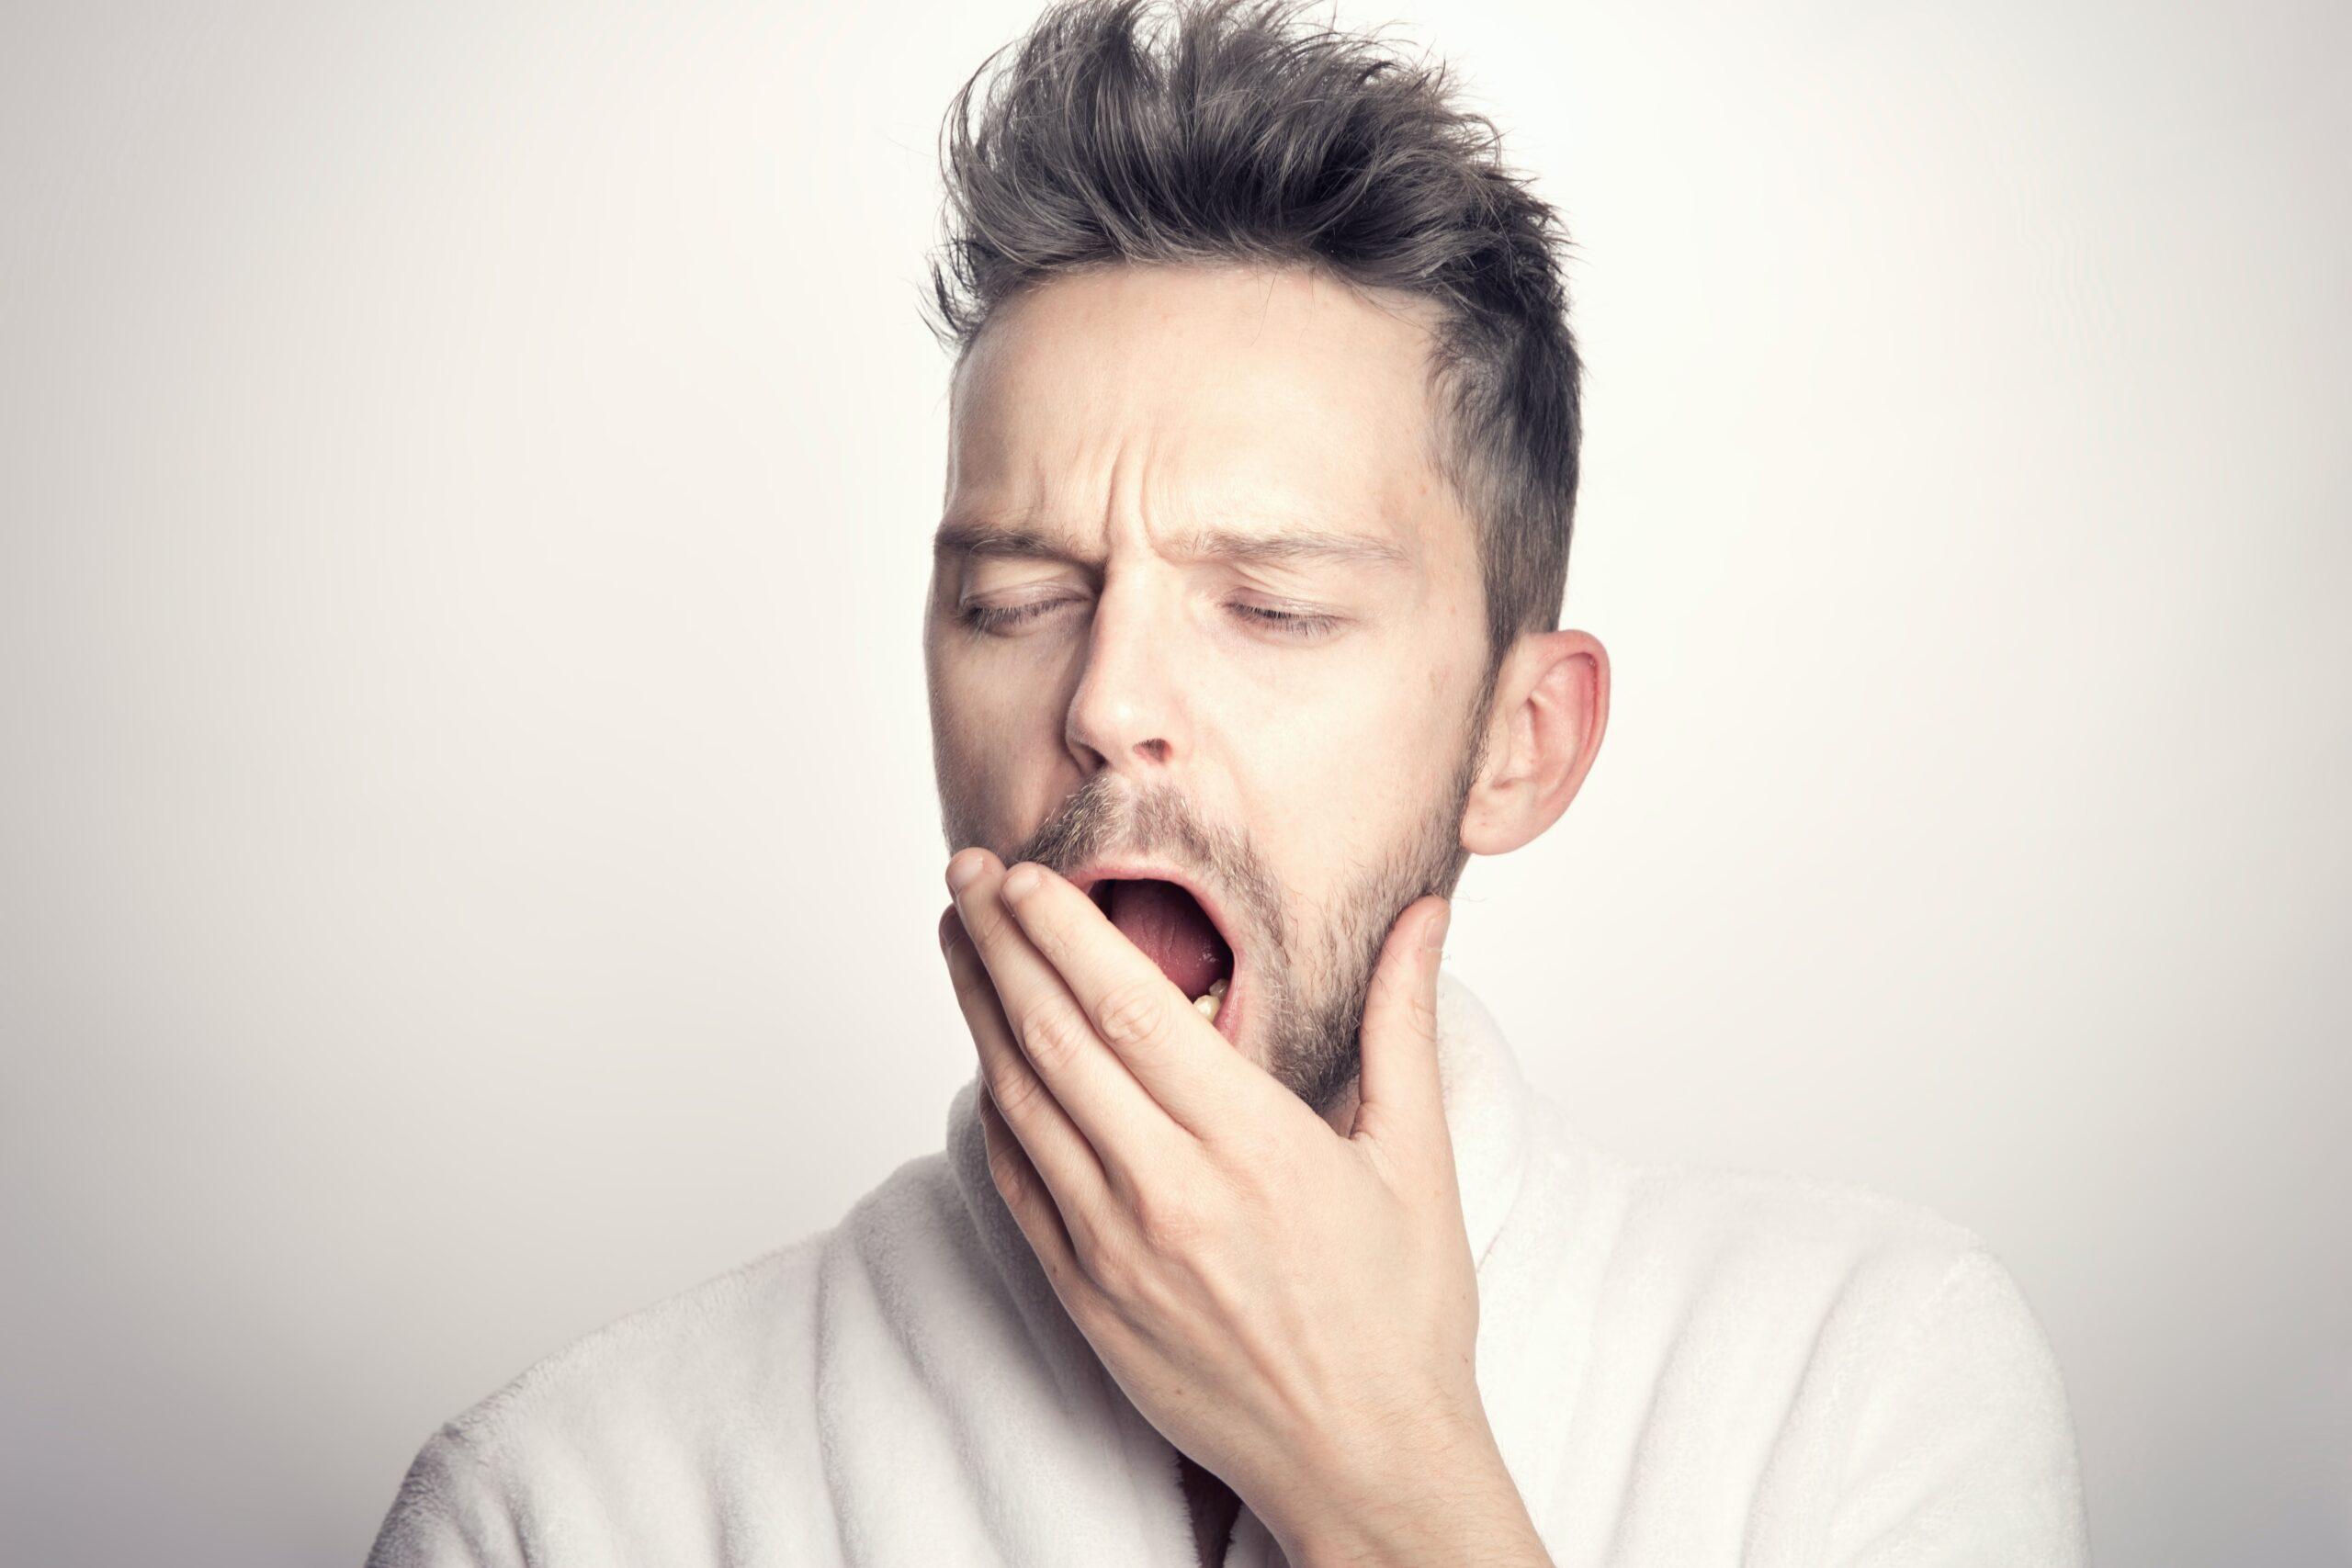 あくびをしている男の人